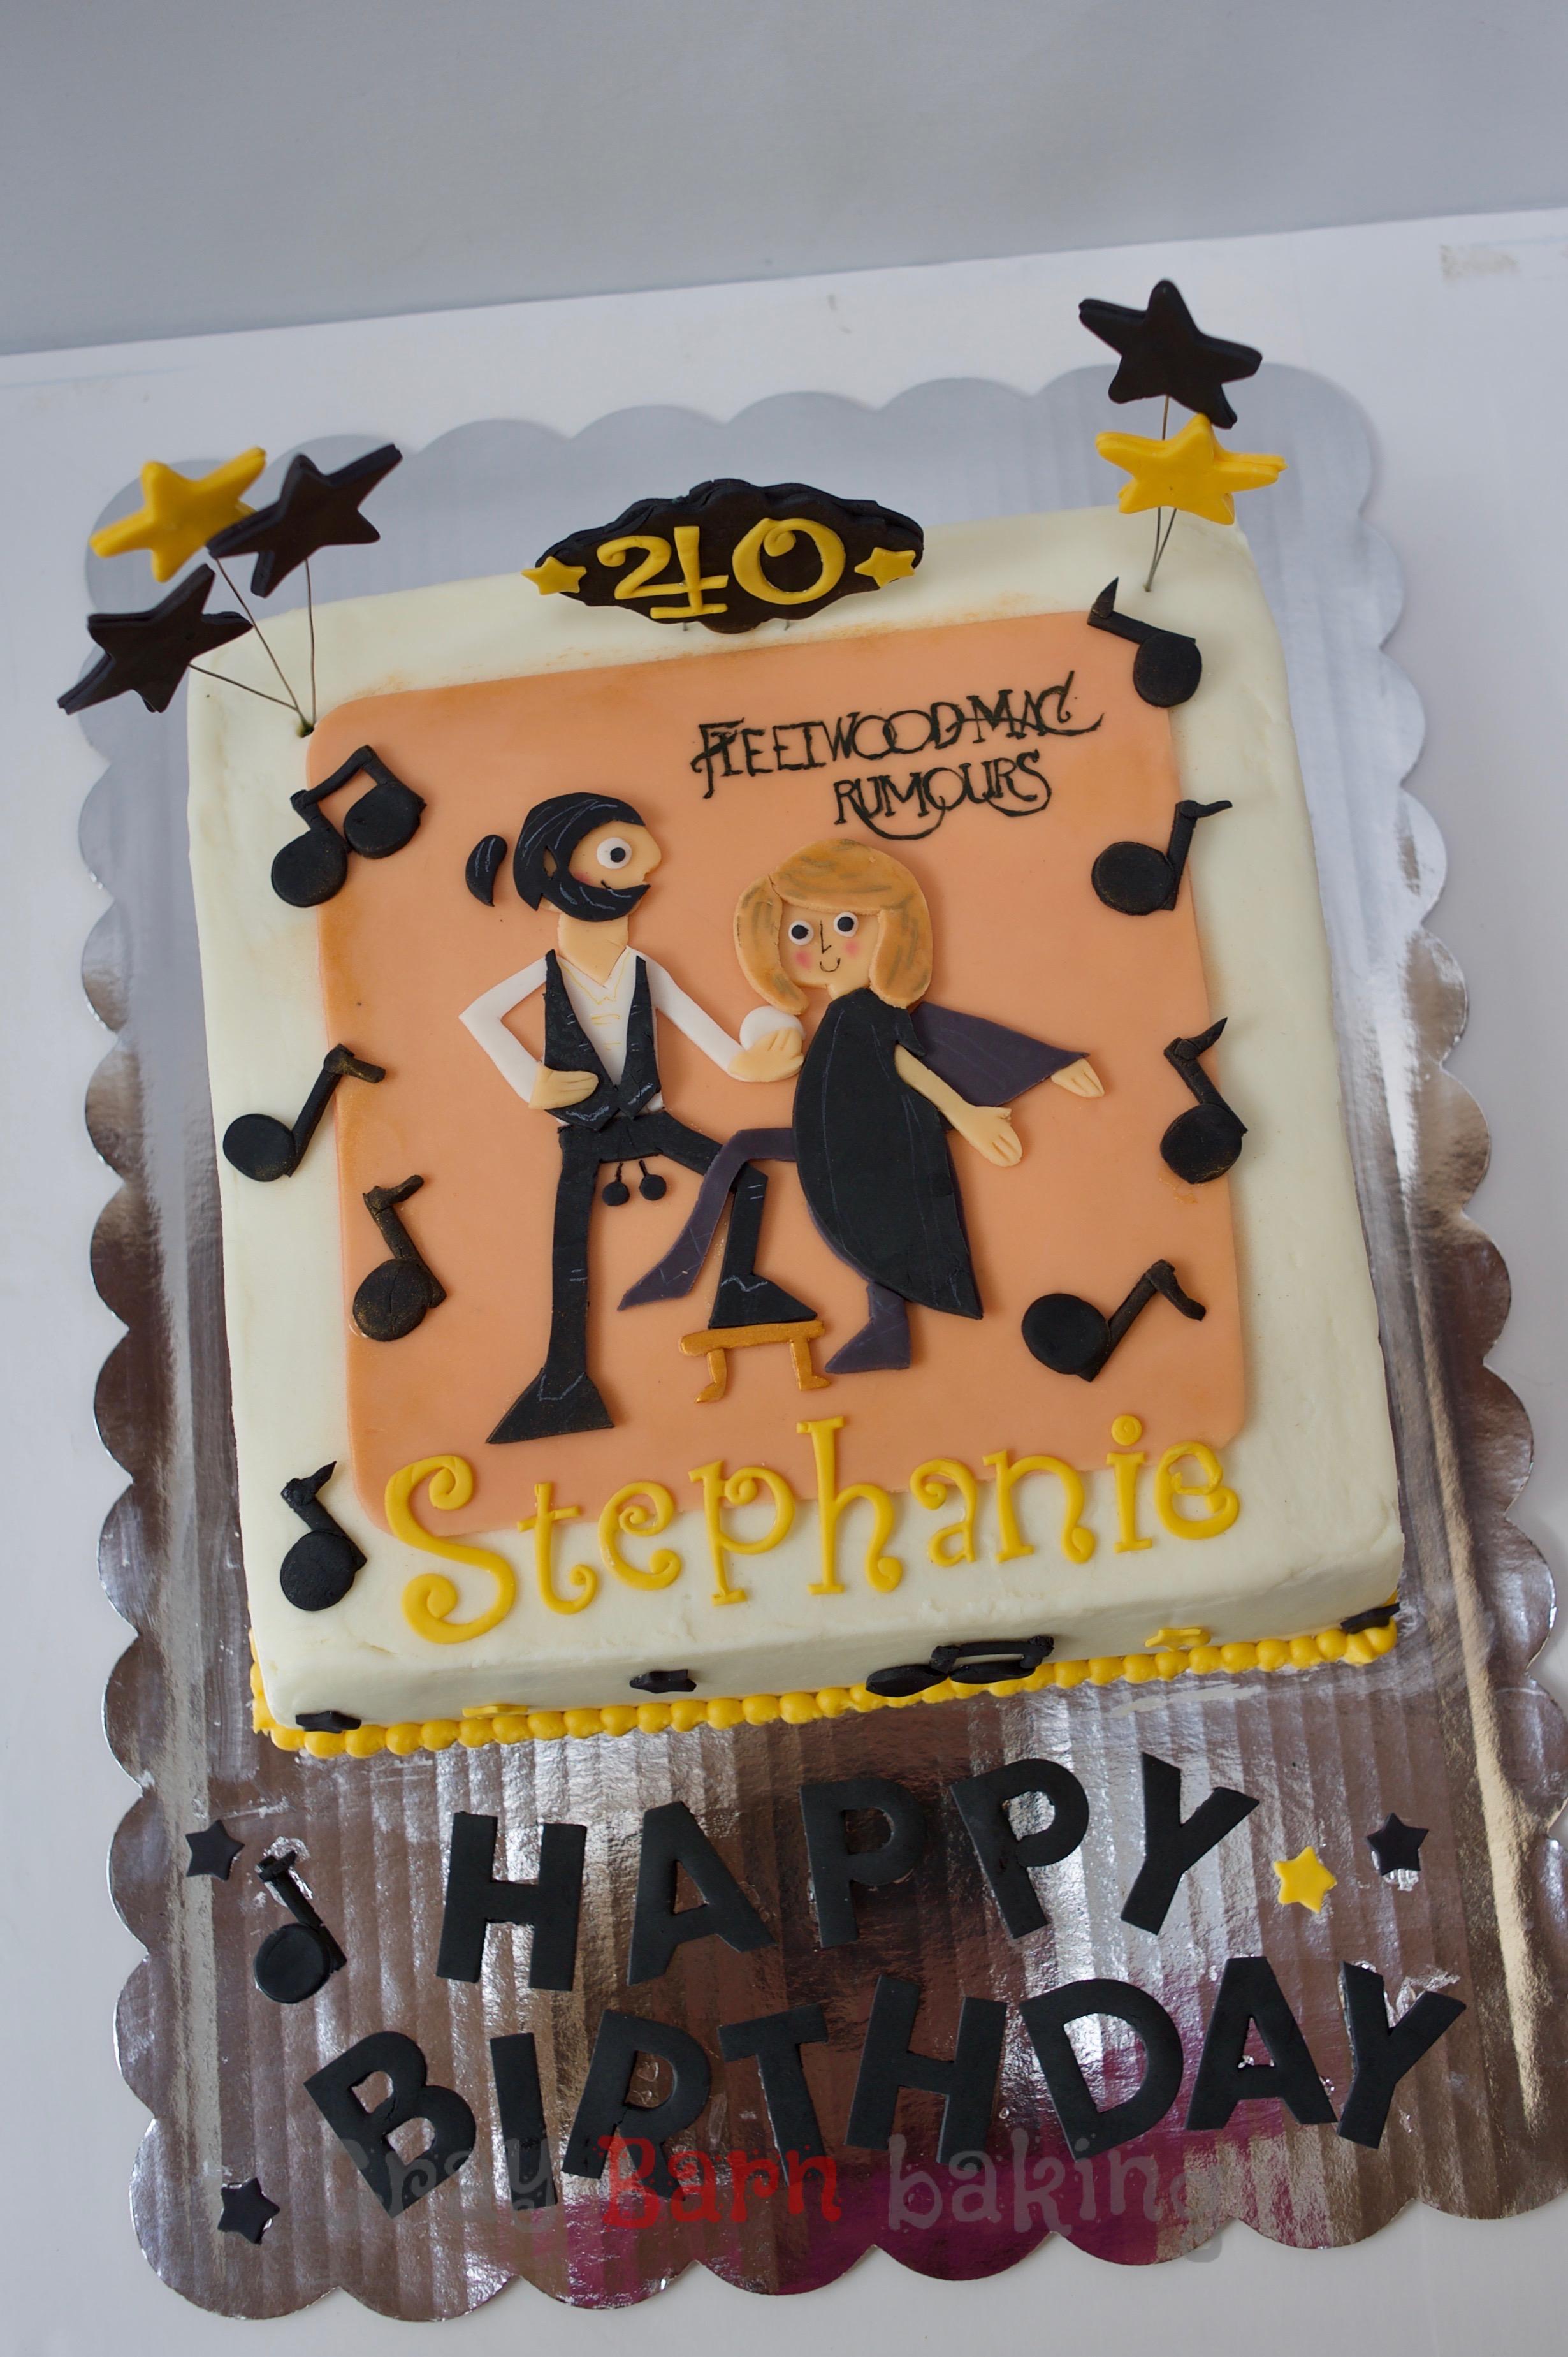 Retro Fleetwood Mac And Nkotb Cakes Gray Barn Baking